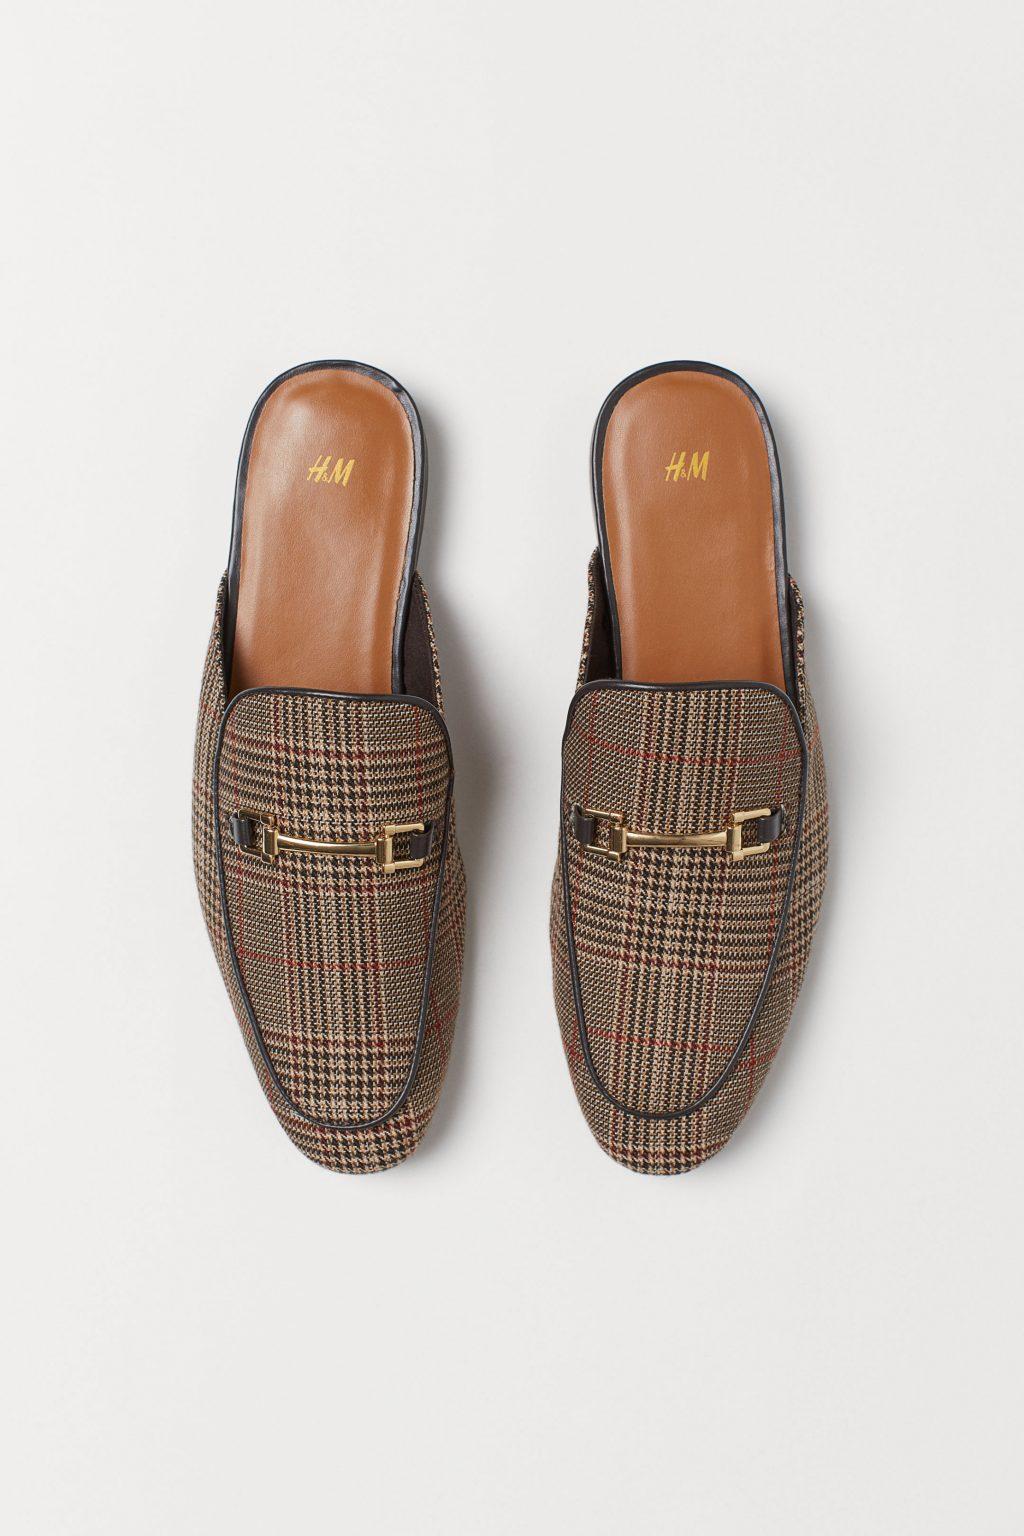 Slip on loafer của H&M với hoạ tiết kẻ ô nhỏ màu nâu